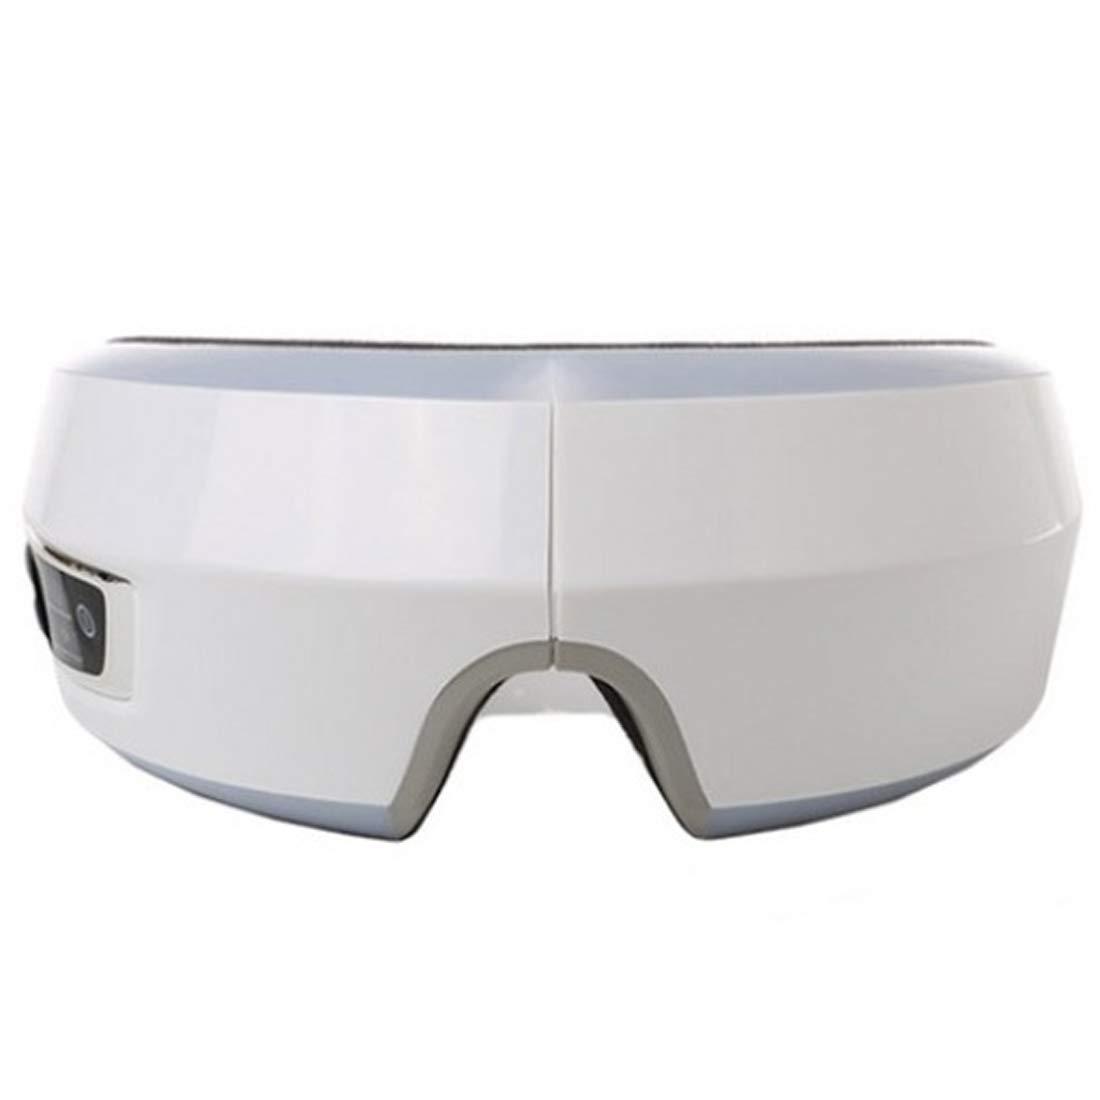 ZESPAアイヒーリングソリューションアイマッサージャー振動加熱マッサージ音楽機能ZP441 ZESPA Eye Healing Solution Eye Massager Vibration Heating Massage Music Function ZP441 [並行輸入品] B07NBFF2GR